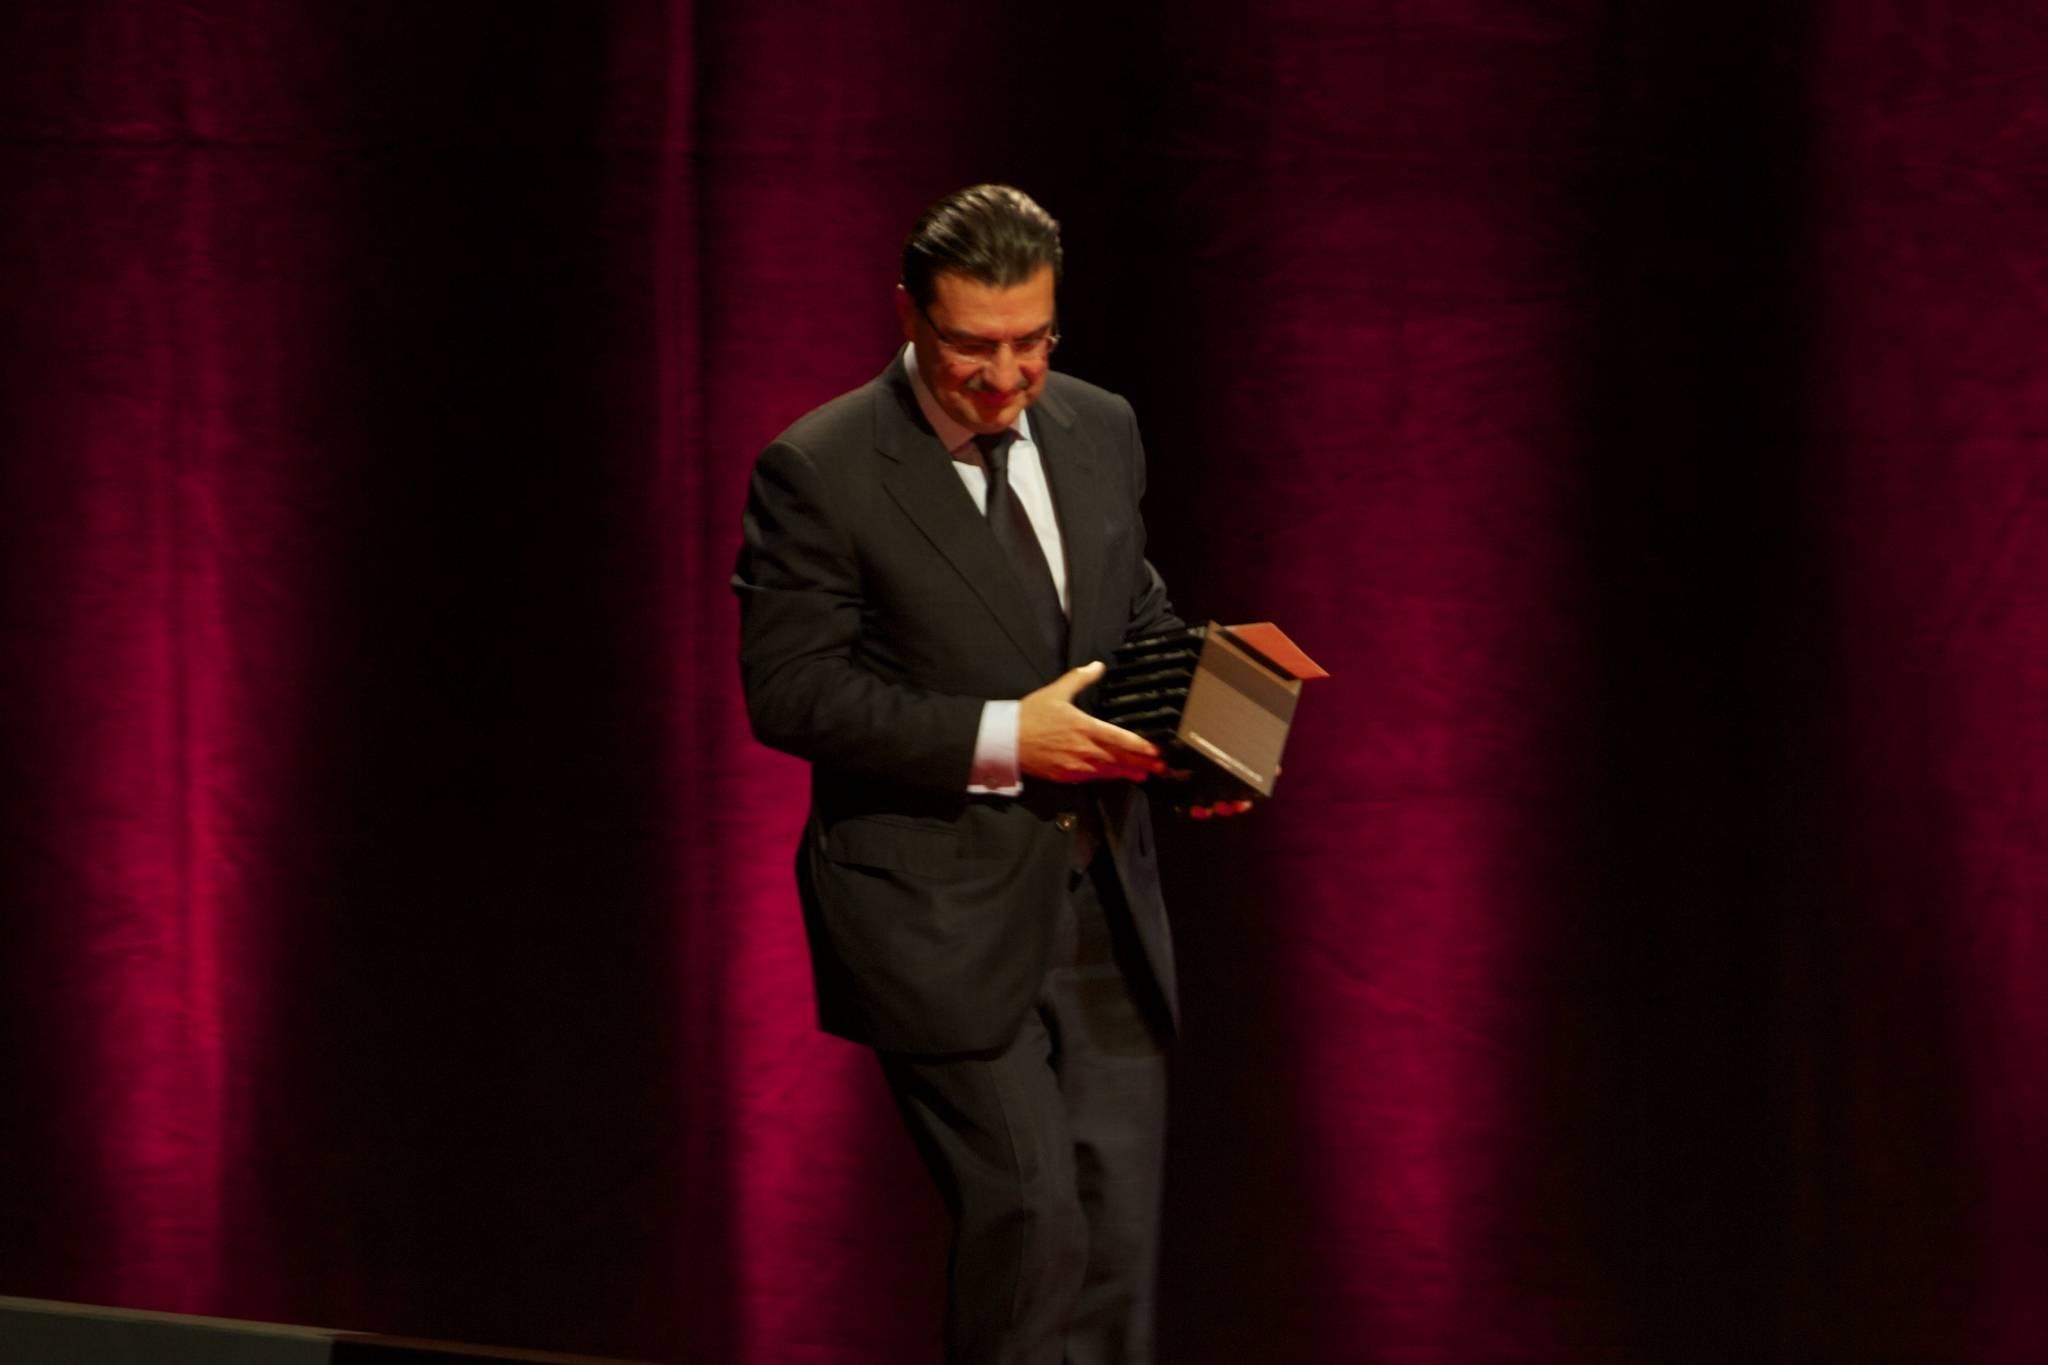 Juan-Carlos Torres, CEO de Vacheron Constantin, cérémonie 2010